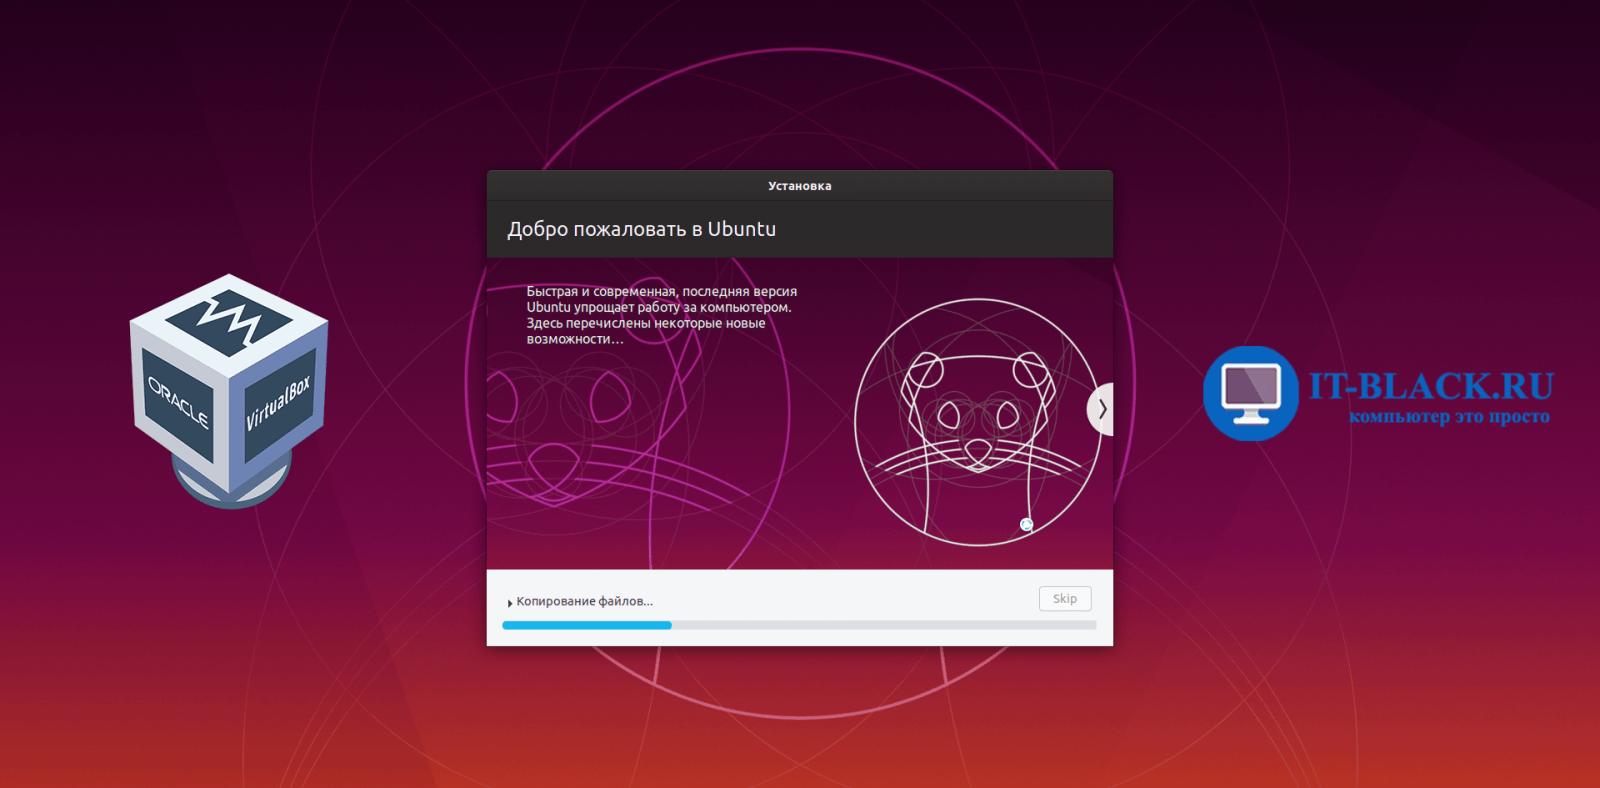 Установка Linux Ubuntu 19.10 на виртуальную машину (VirtualBox) и настройка общей папки.